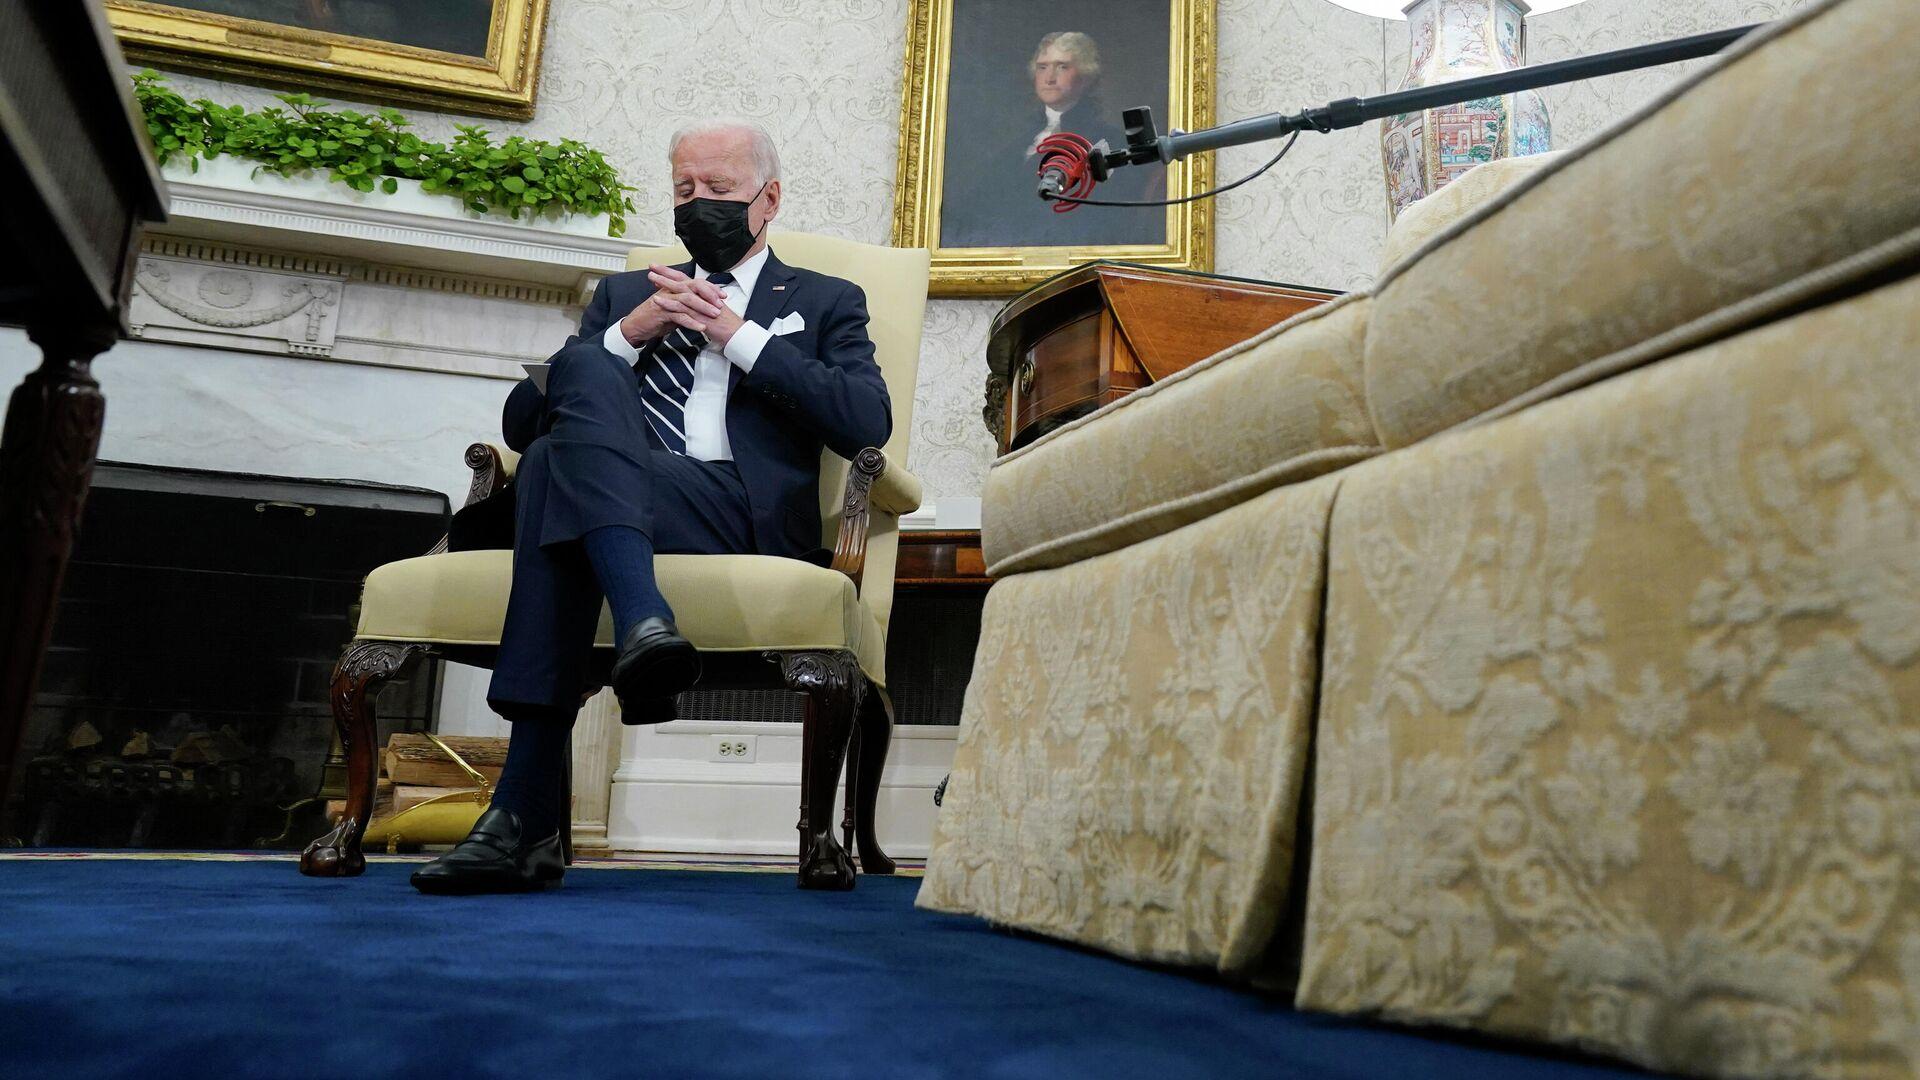 Президент Джо Байден во время встречи с премьер-министром Израиля Нафтали Беннеттом - РИА Новости, 1920, 09.09.2021